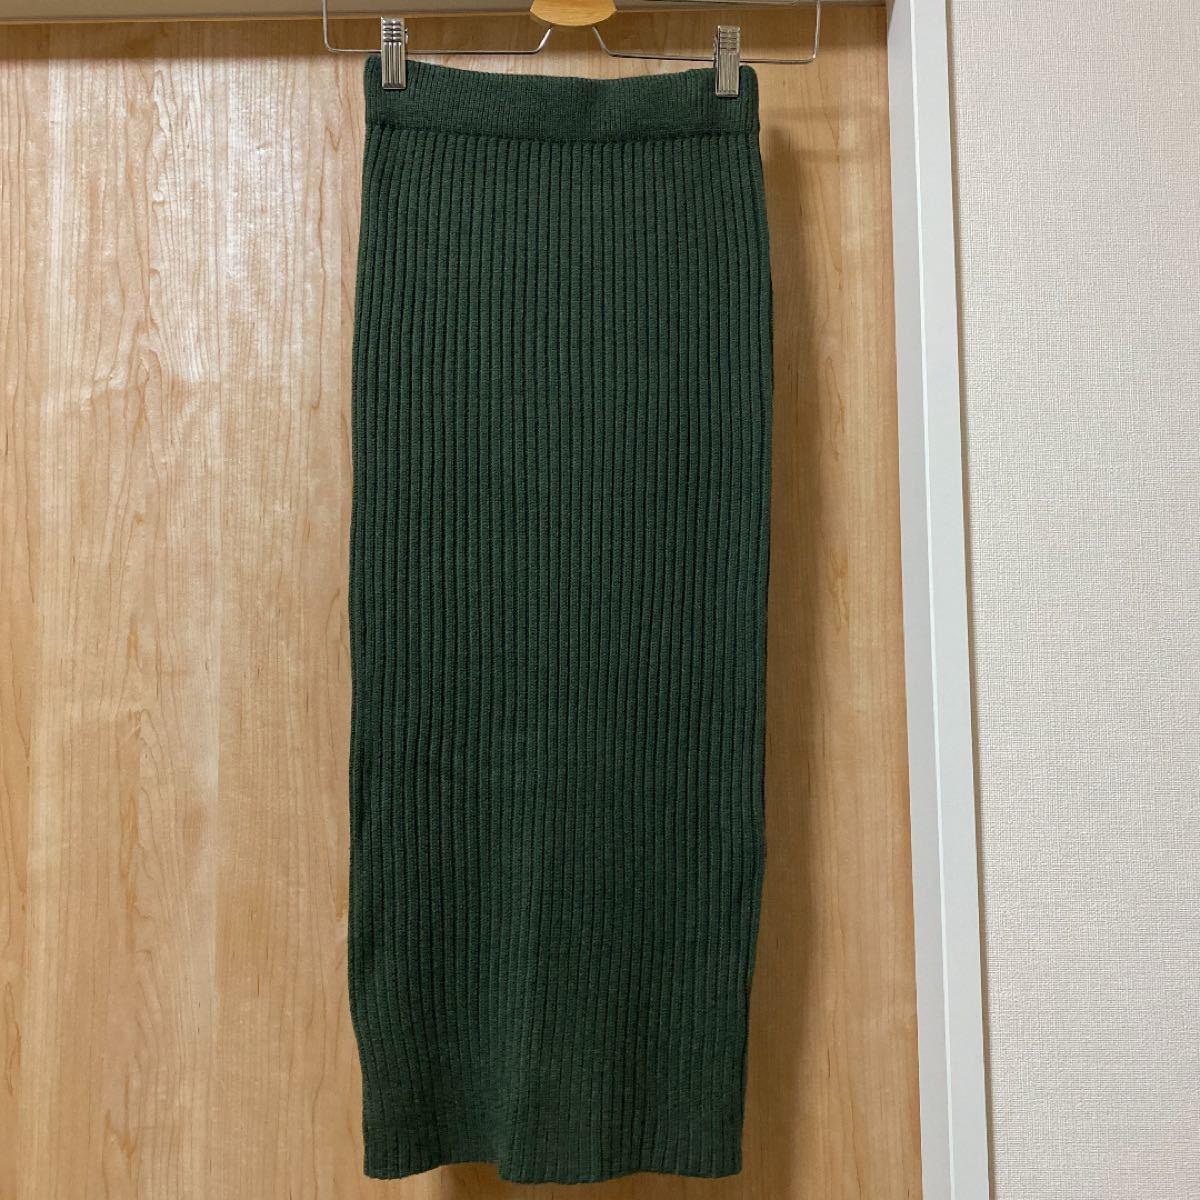 ロングスカート ニットスカート ダークグリーン タイトスカート